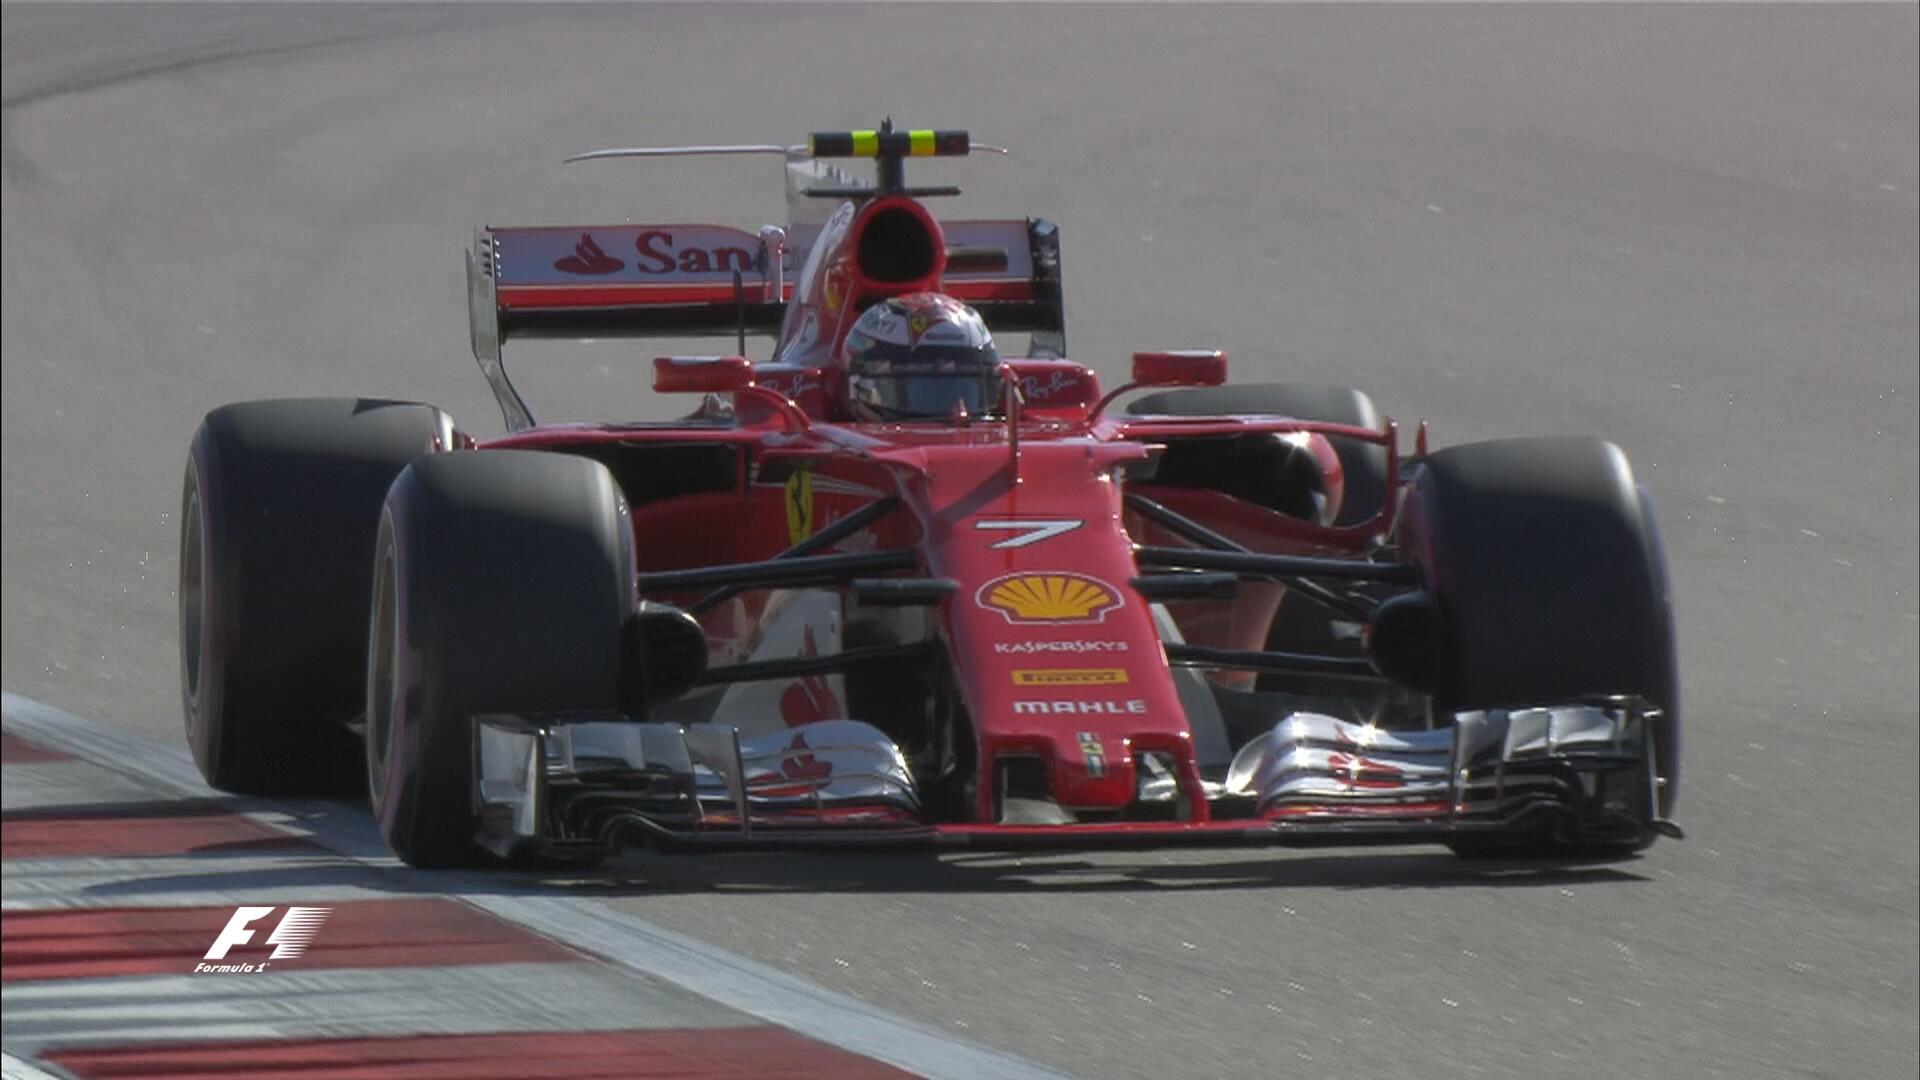 Формула 1 видео матч тв италия